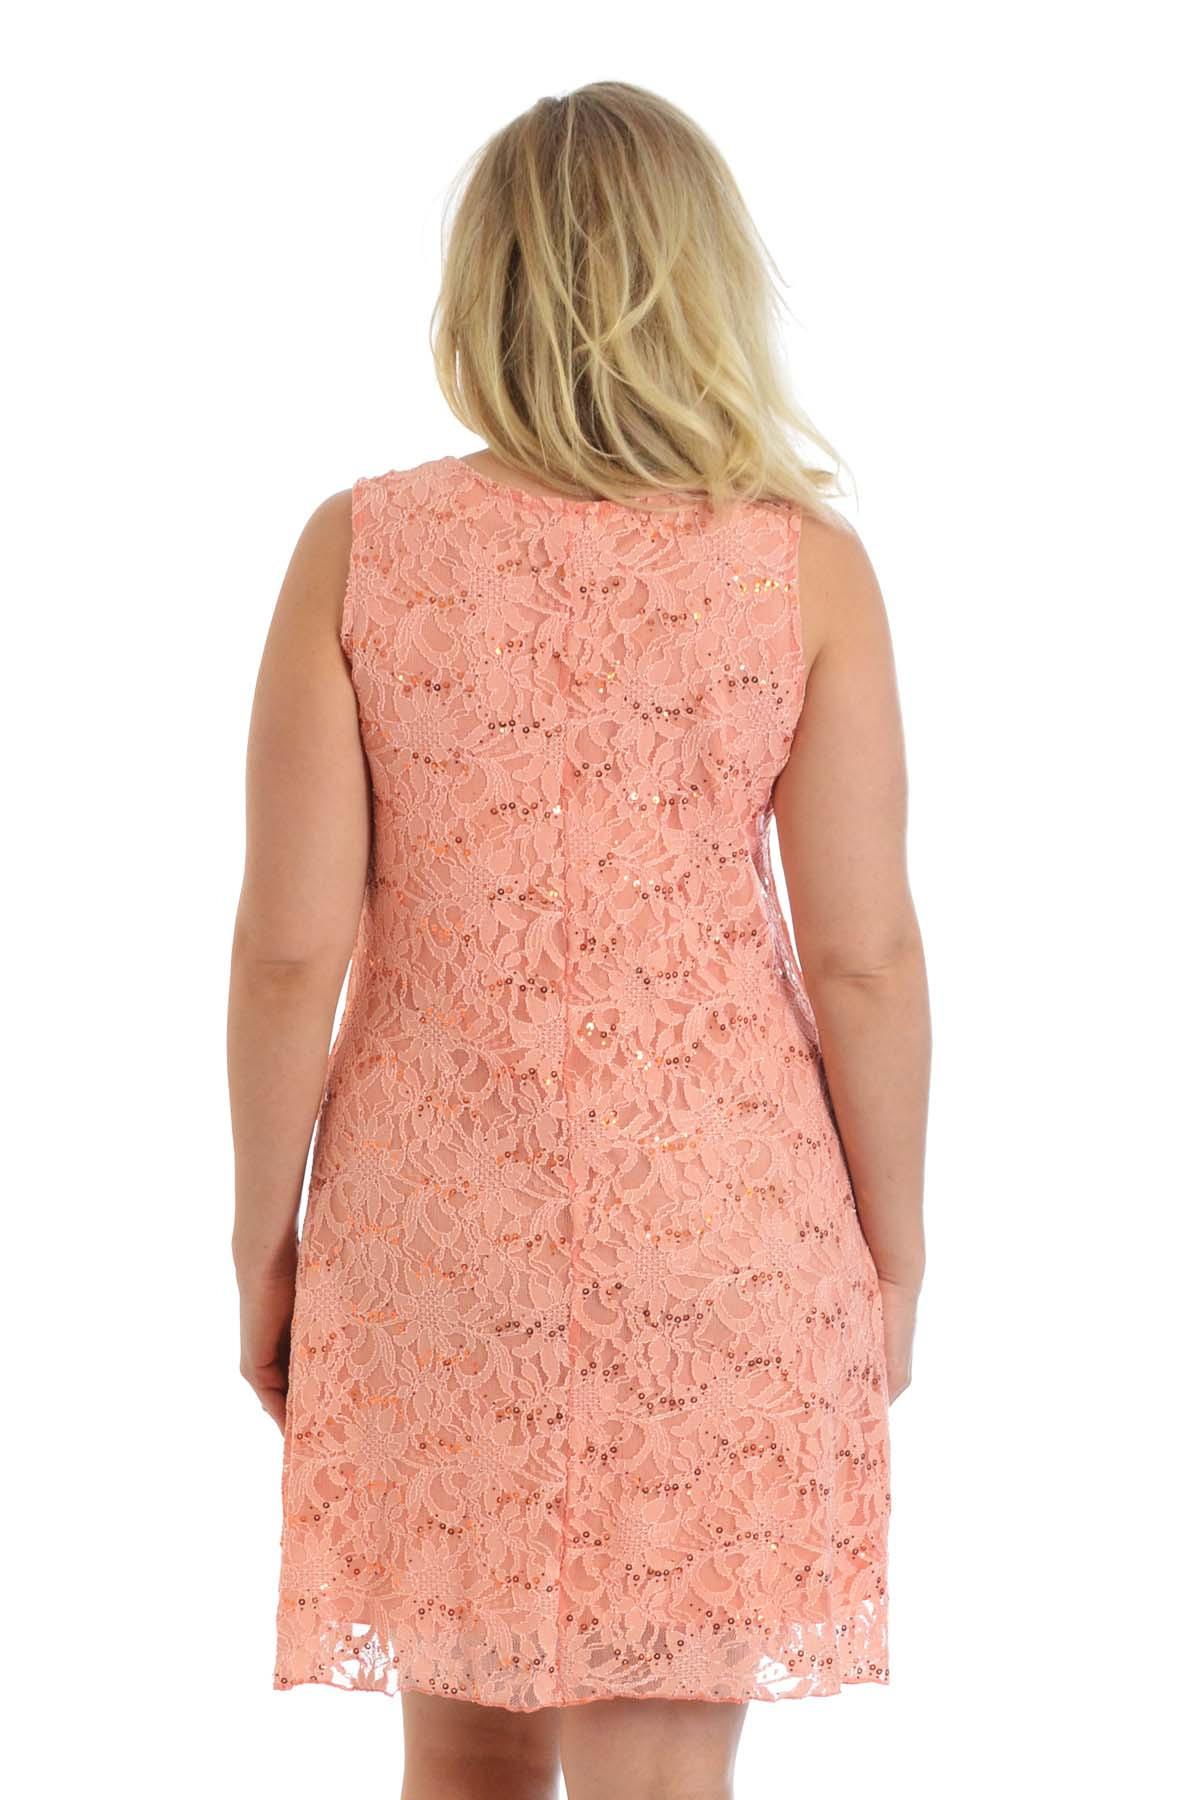 Neu Damen Übergröße Kleid Spitze Flapper Gezeichnet